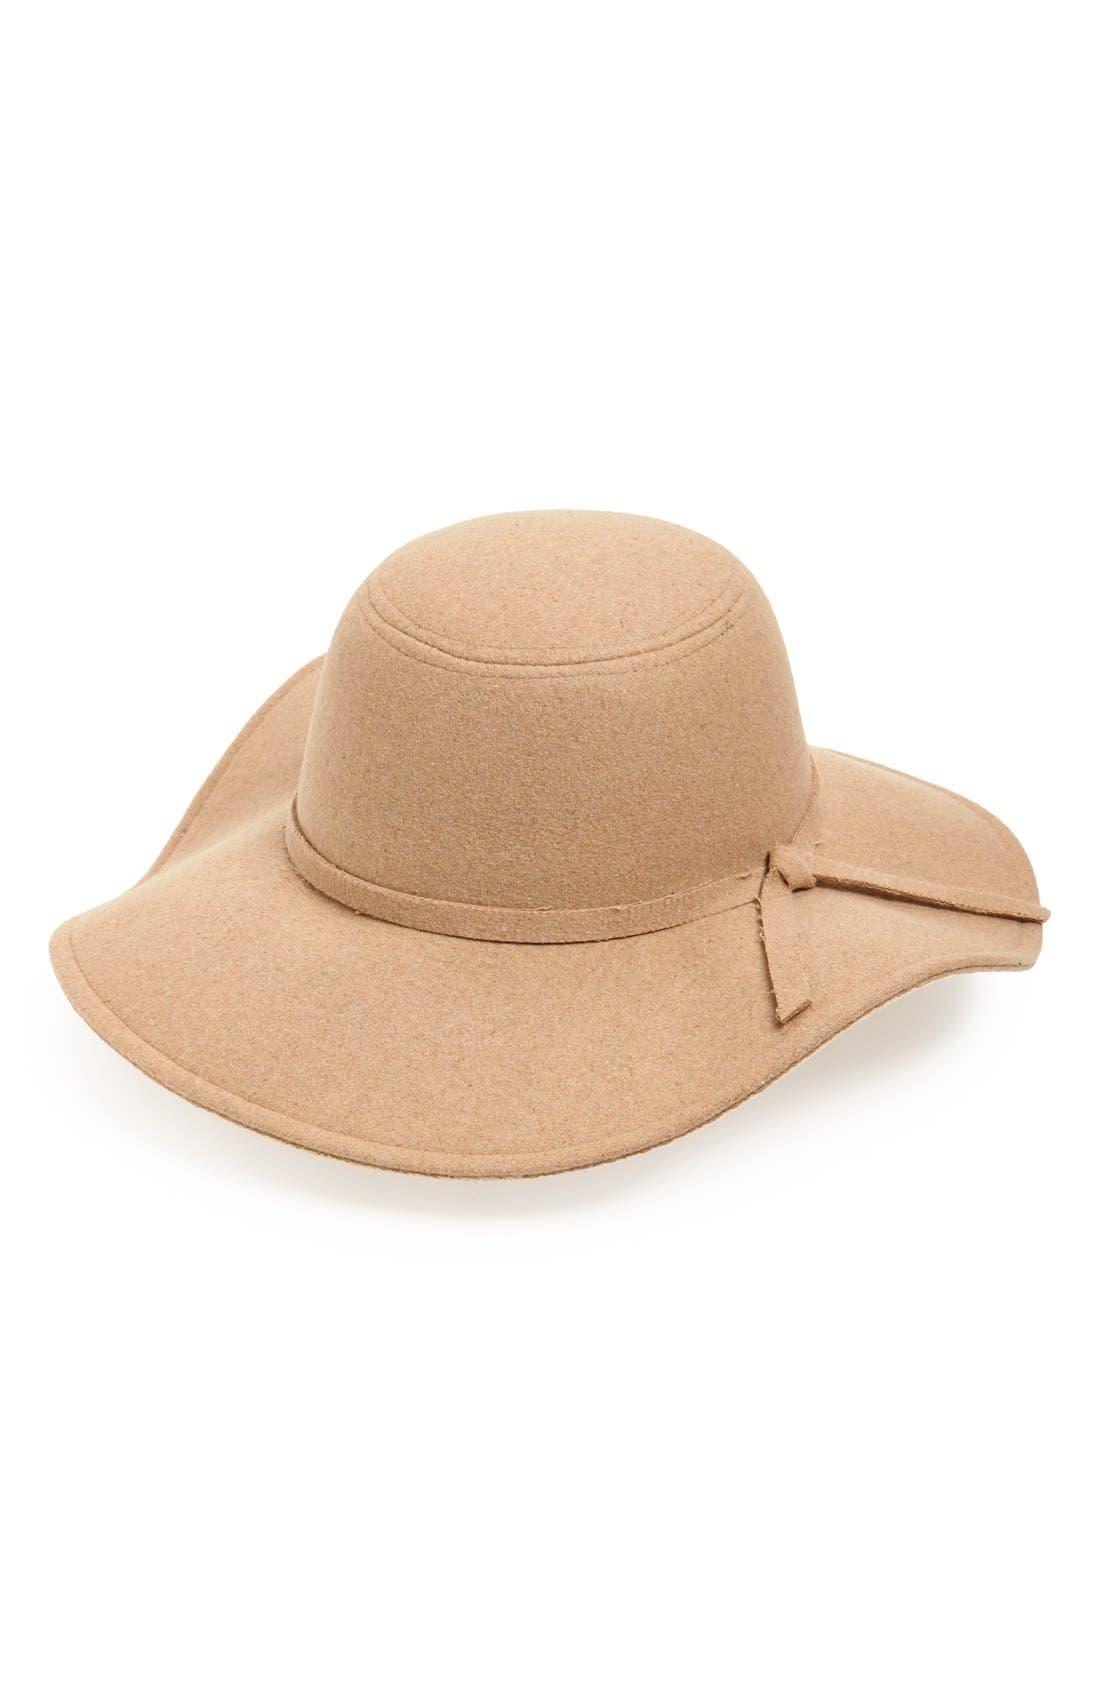 Alternate Image 1 Selected - Leith Floppy Felt Hat